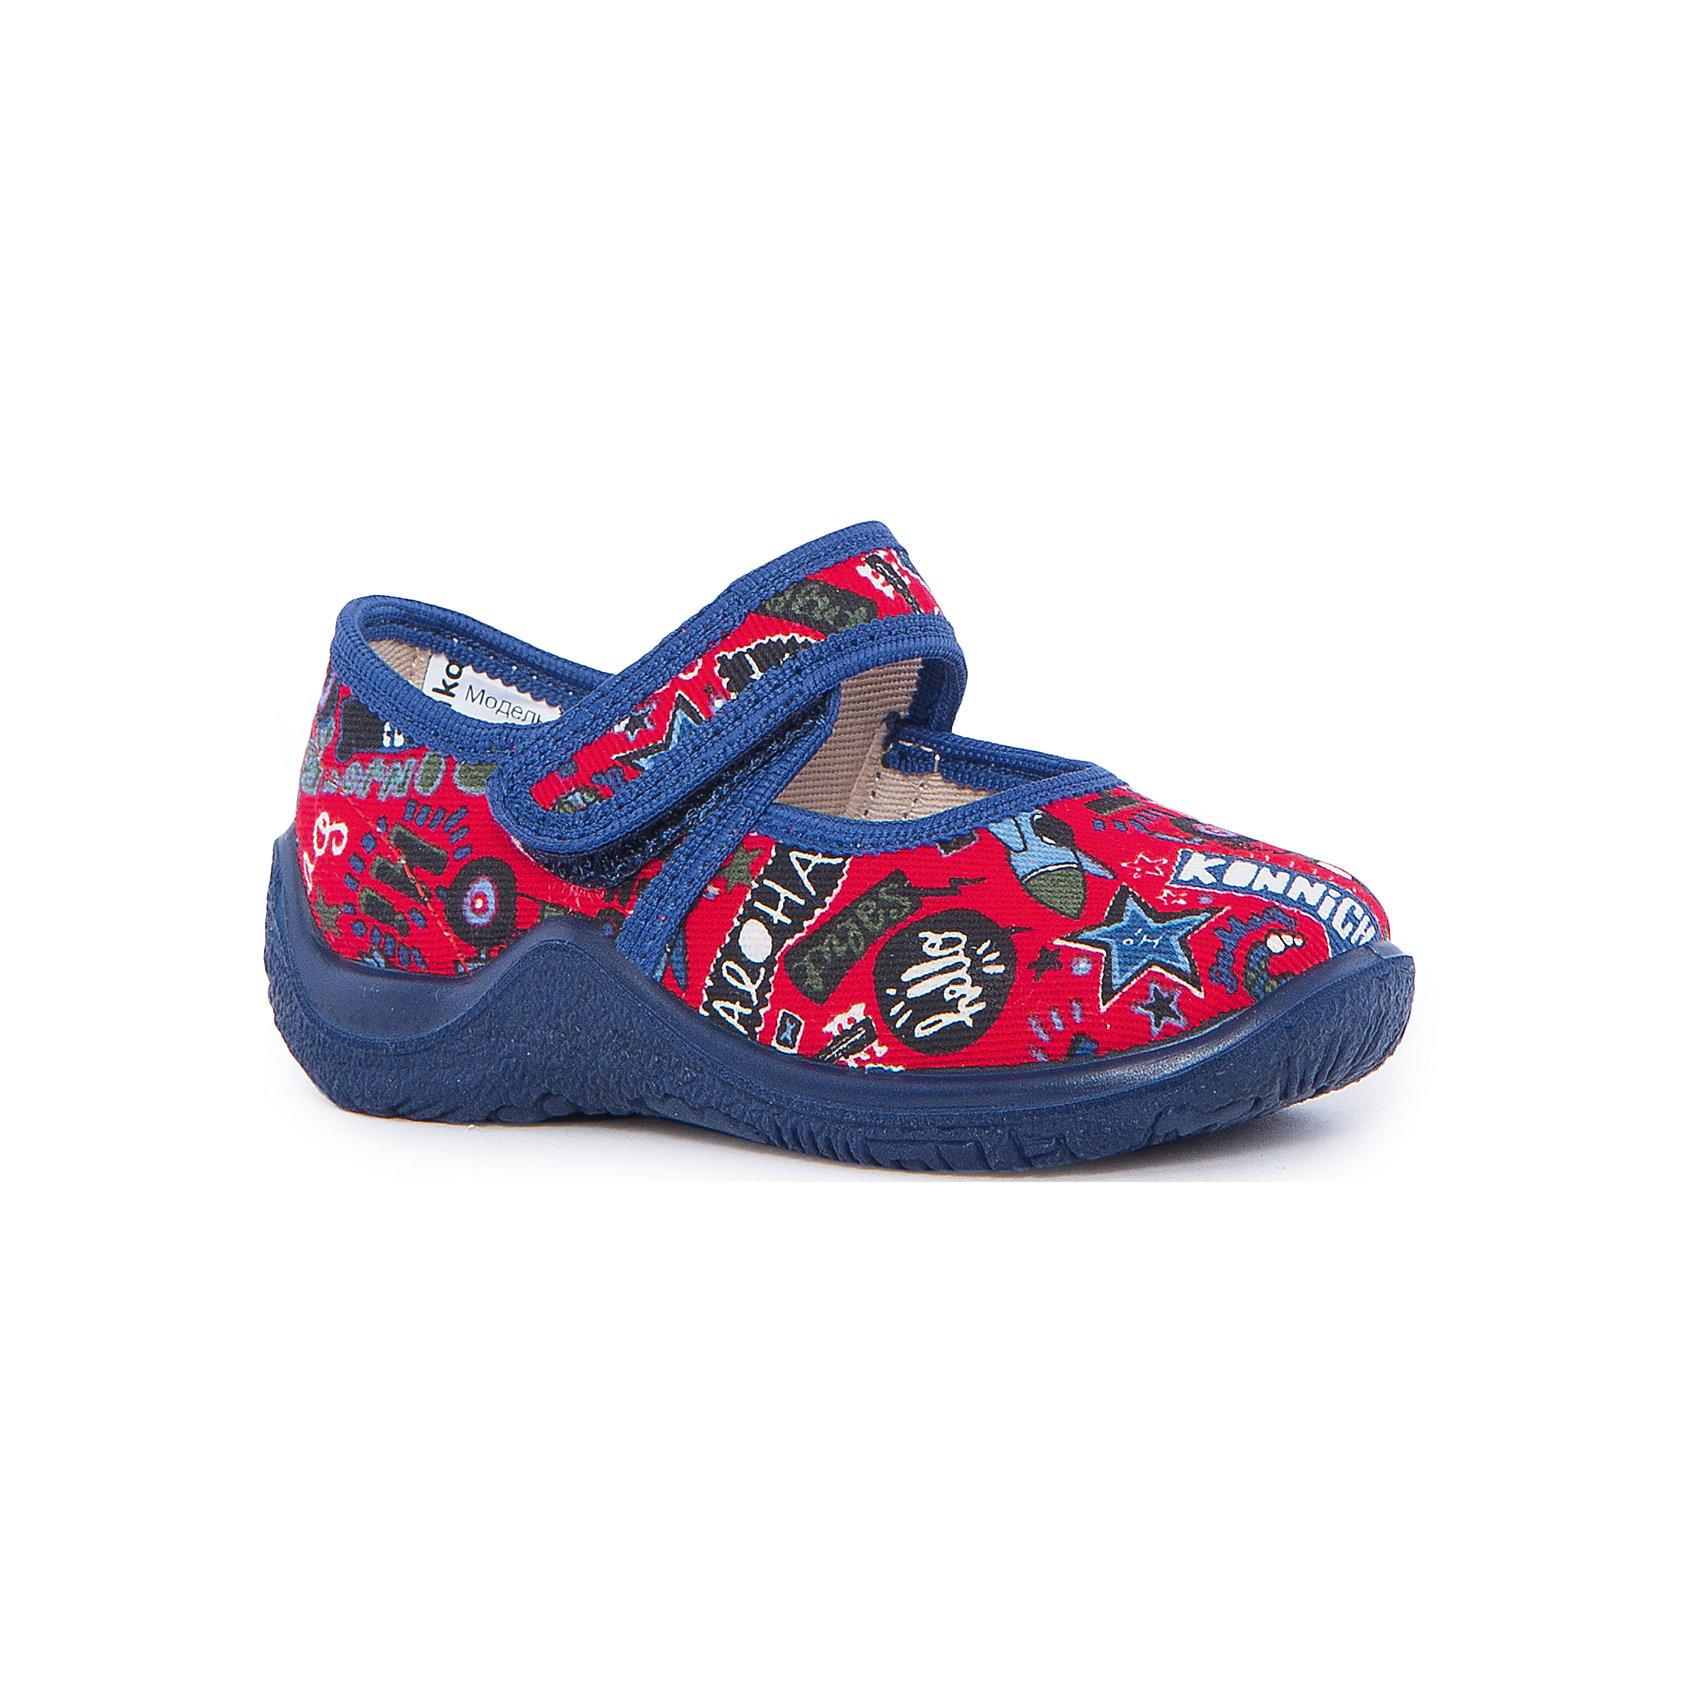 Туфли для мальчика KAPIKAТекстильные туфли<br>Туфли для мальчика KAPIKA станут отличным вариантом для самых маленьких. В такой обуви будет особенно удобно и приятно делать первые шаги. Порадуйте себя и своего ребенка  таким замечательным подарком. <br><br>Характеристика:<br>-Цвет: красный/синий<br>-Материал: Верх - текстиль, стелька - кожа,                       подошва - полимер,                       подкладка - текстиль<br>-Застёжка: липучка<br>-Бренд: KAPIKA(КАПИКА)<br><br>Туфли для мальчика KAPIKA  вы можете приобрести в нашем интернет- магазине.<br><br>Ширина мм: 227<br>Глубина мм: 145<br>Высота мм: 124<br>Вес г: 325<br>Цвет: красный/синий<br>Возраст от месяцев: 24<br>Возраст до месяцев: 24<br>Пол: Мужской<br>Возраст: Детский<br>Размер: 25,20,21,22,23,24<br>SKU: 4987726